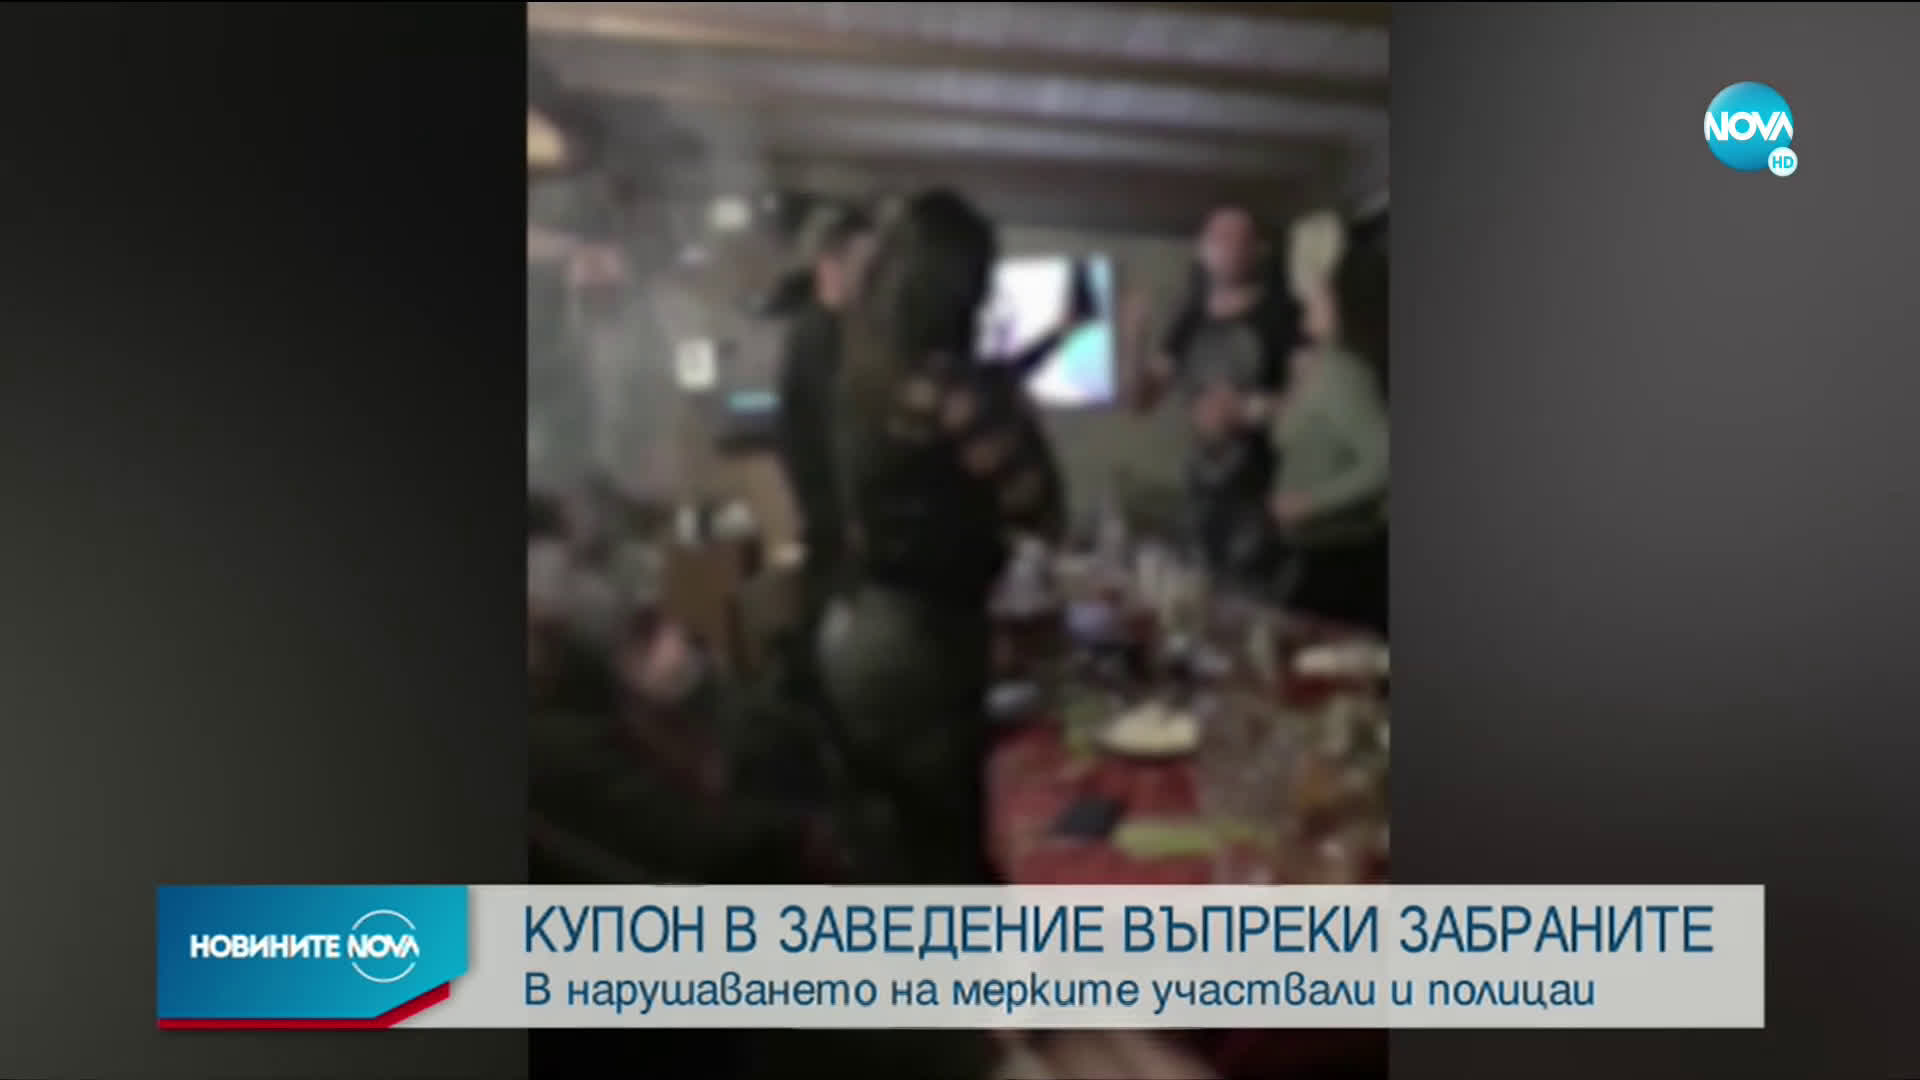 Проверяват полицаи за нарушаване на мерките в Благоевград